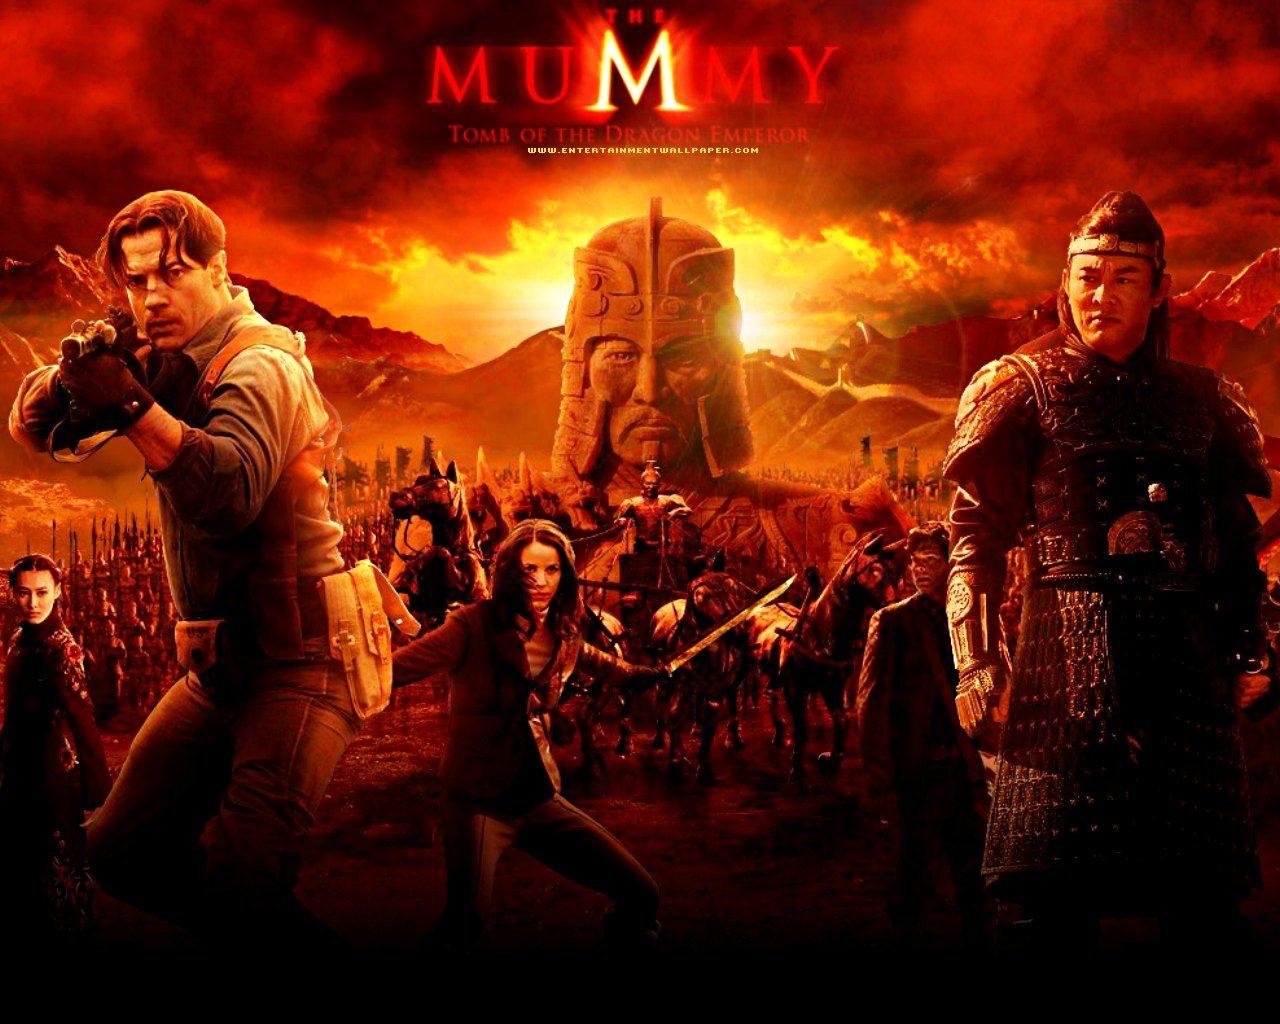 Xem phim Xác Ướp 3: Lăng Mộ Tần Vương - The Mummy: Tomb of the Dragon Emperor 2008